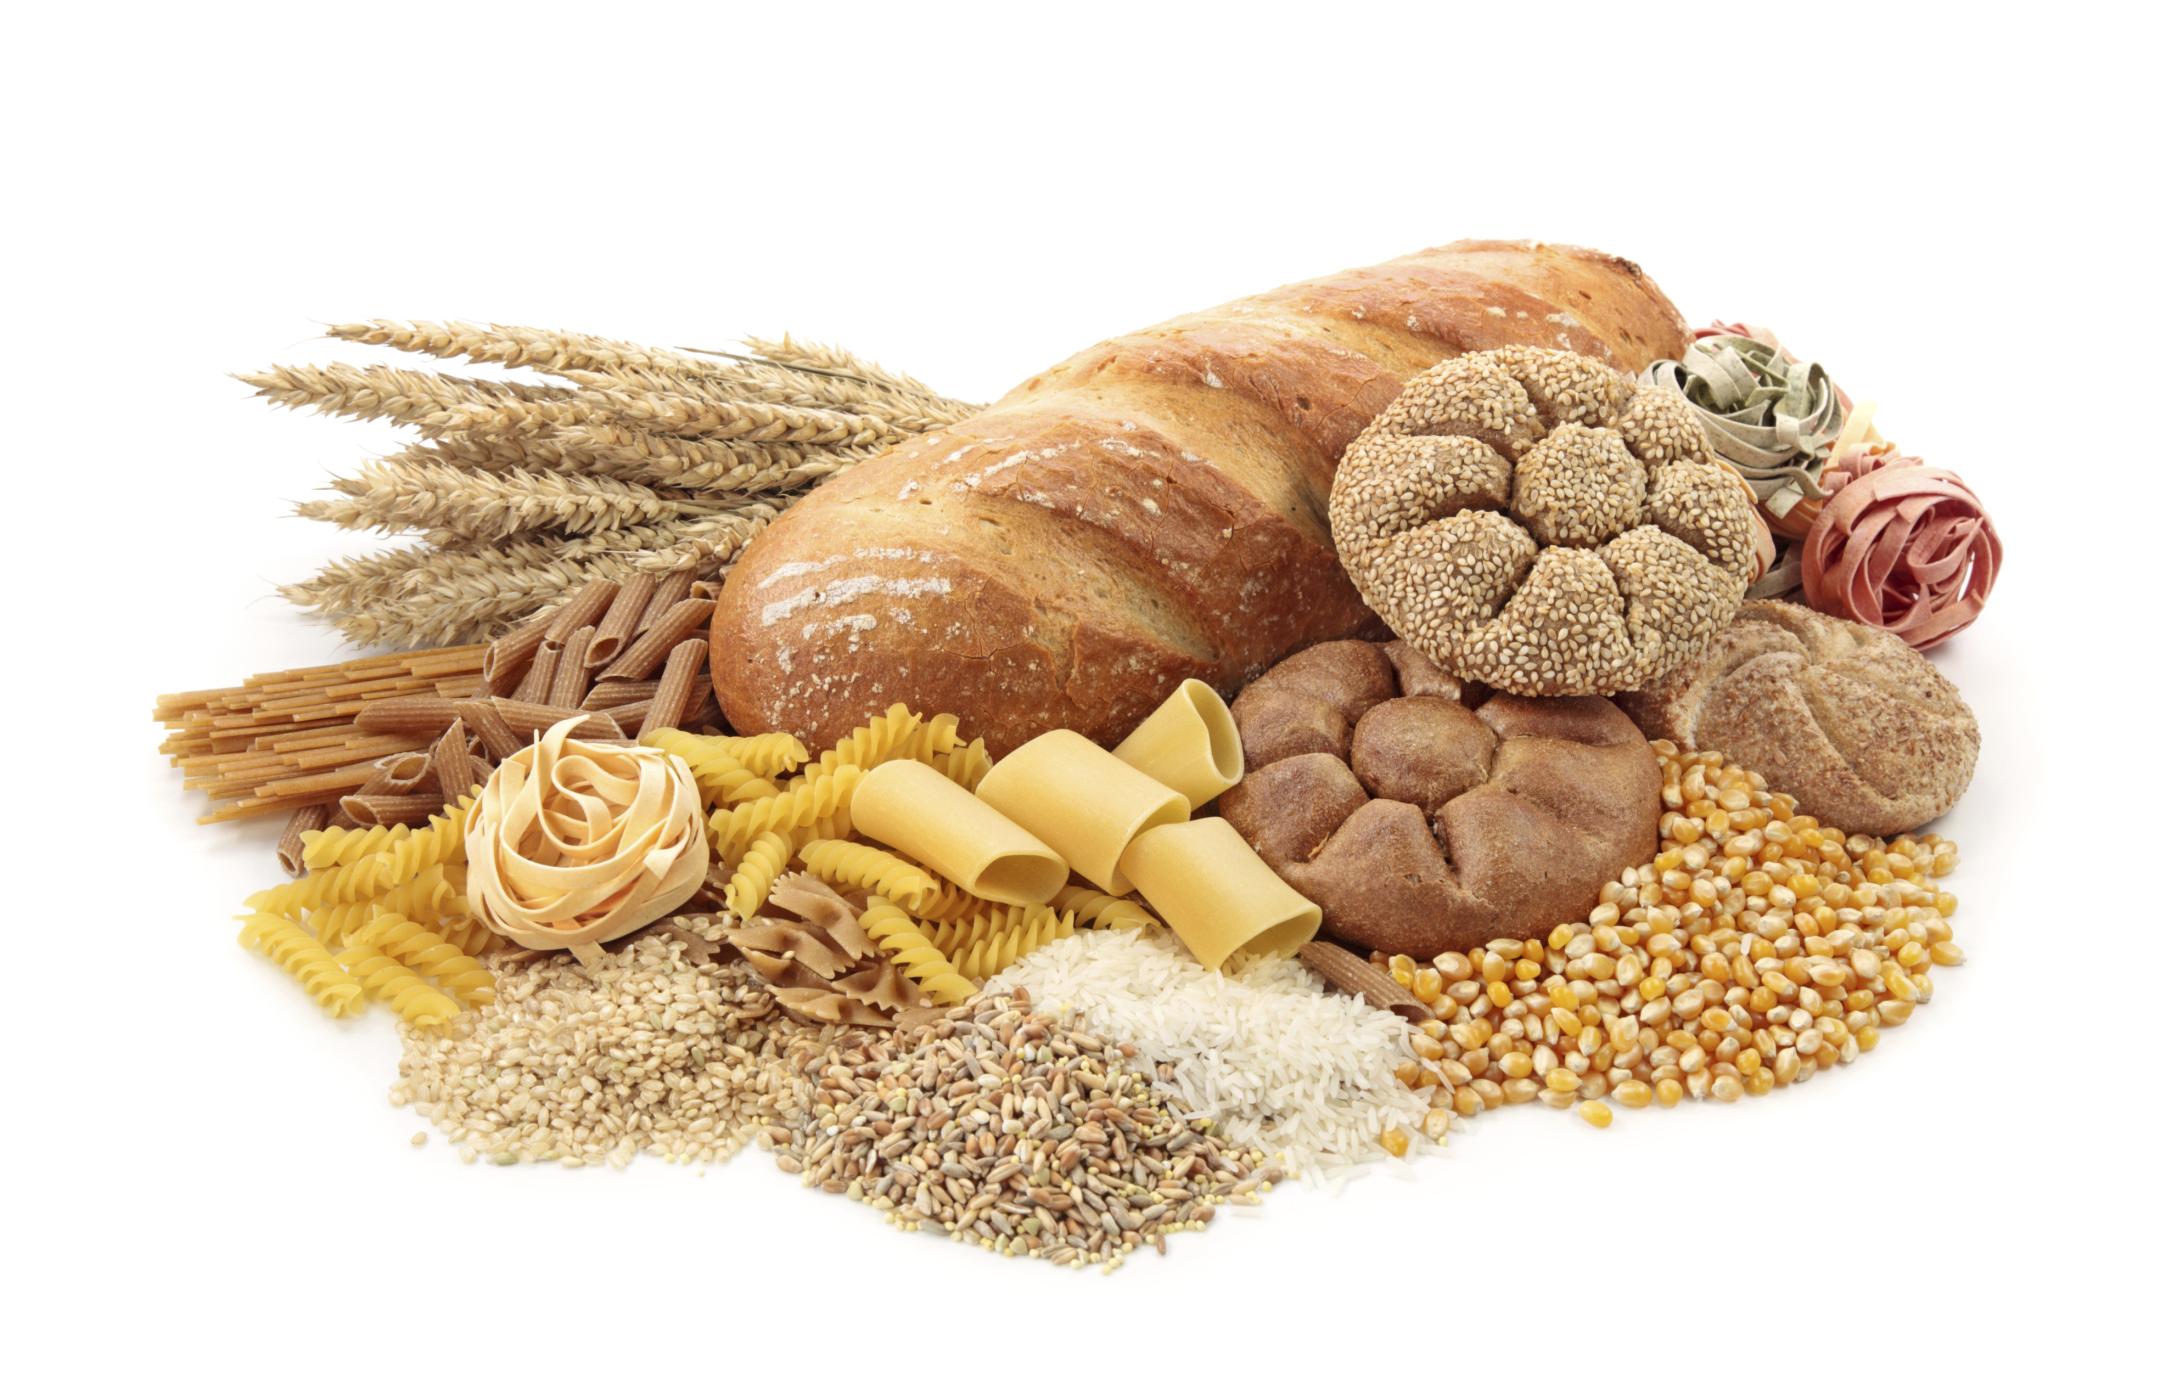 dr nowzaradan pre surgery weight loss diet